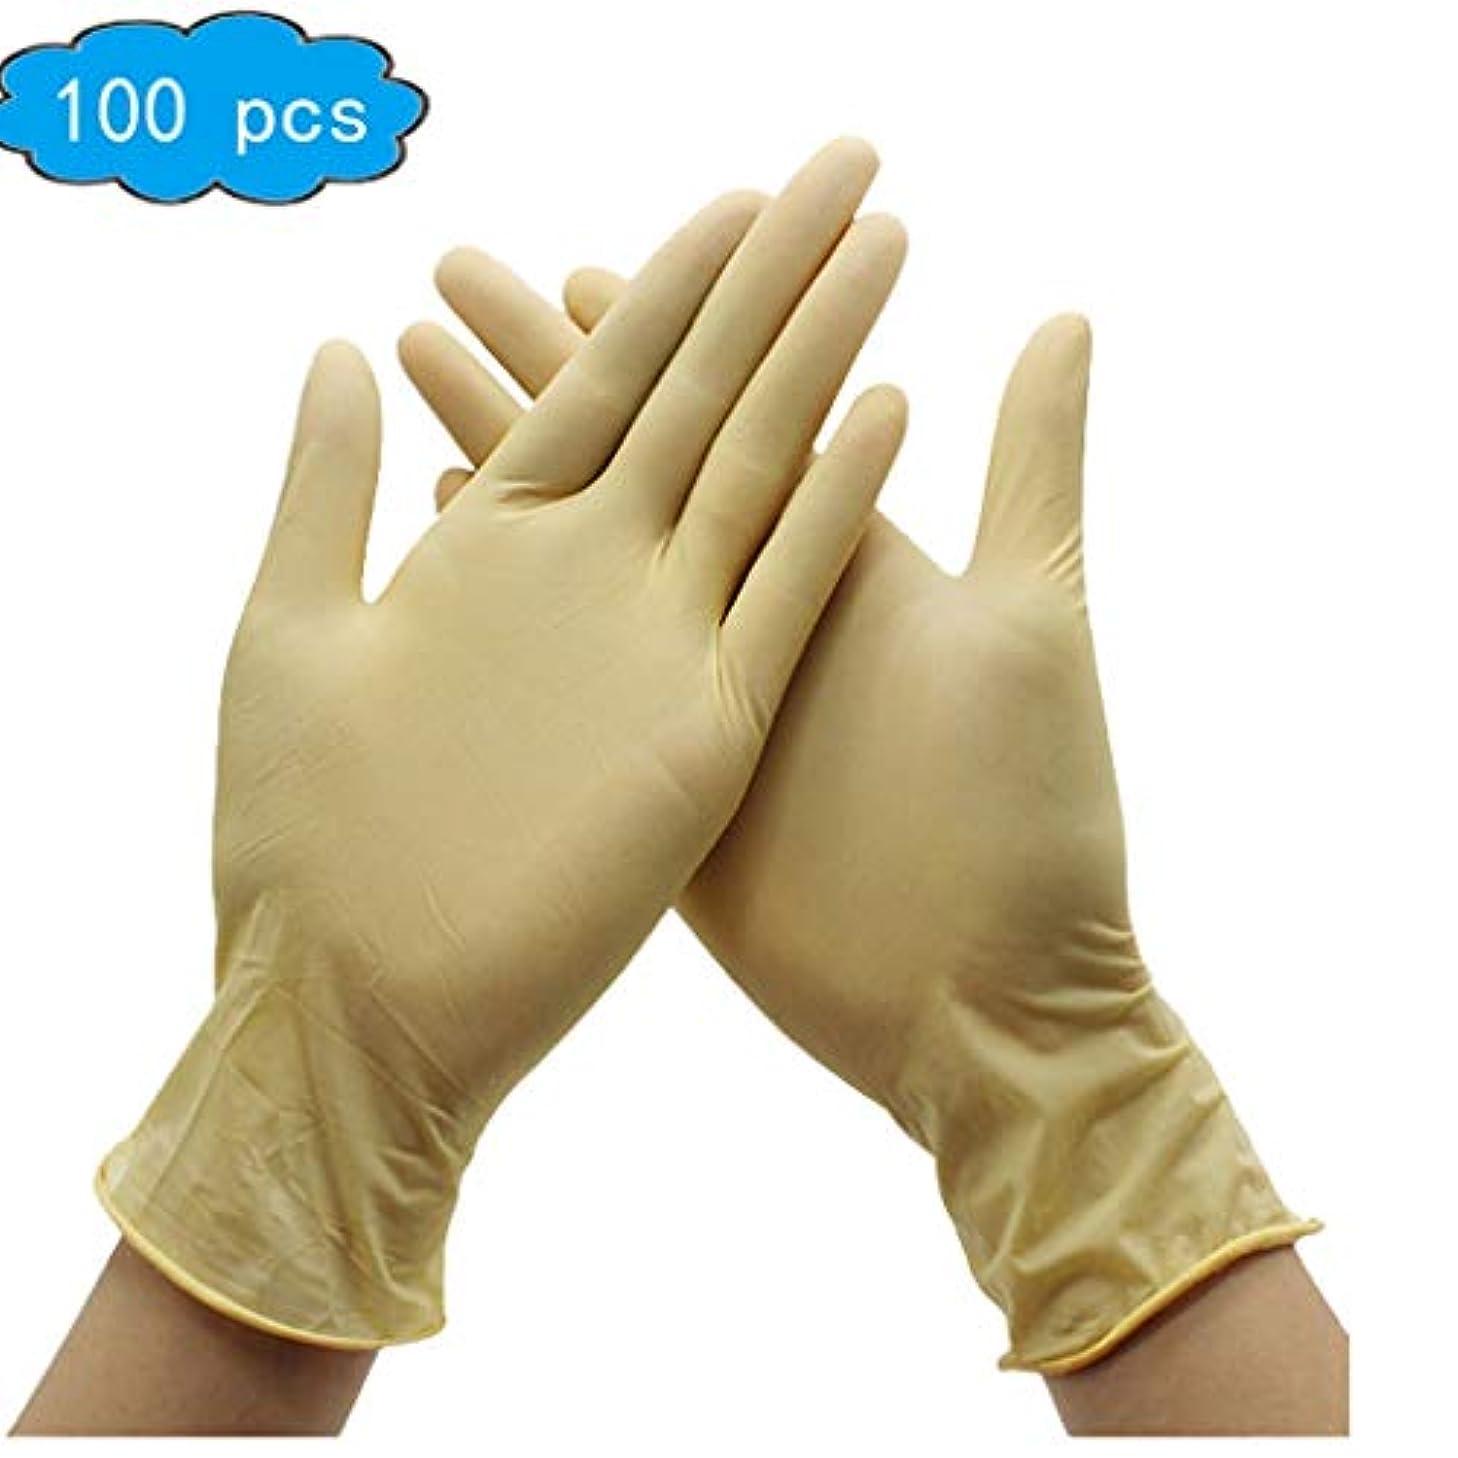 タンザニア環境お肉使い捨てラテックス手袋、液、血液、試験、ヘルスケア、ノーパウダー、100箱 (Color : Beige, Size : L)